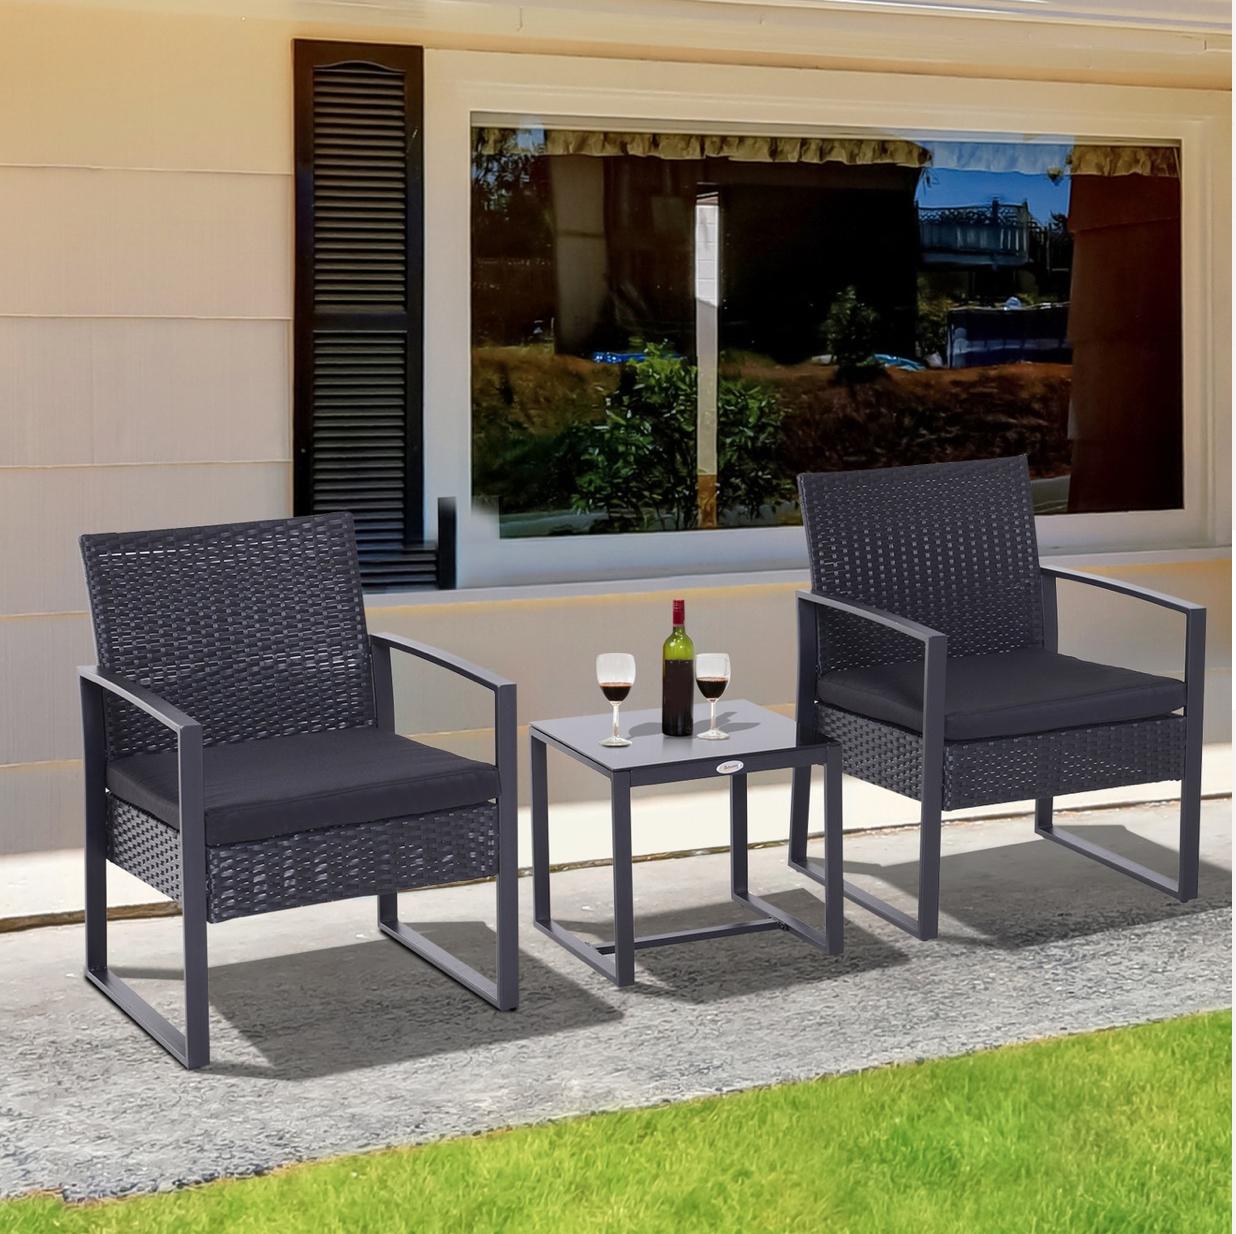 Outsunny Polyrattan Sitzgruppe als 5-tlg. Set schwarz ( Lieferumfang: 1 x Couchtisch, 2 x Stuhl, 2 x Kissen, Montagezubehör )